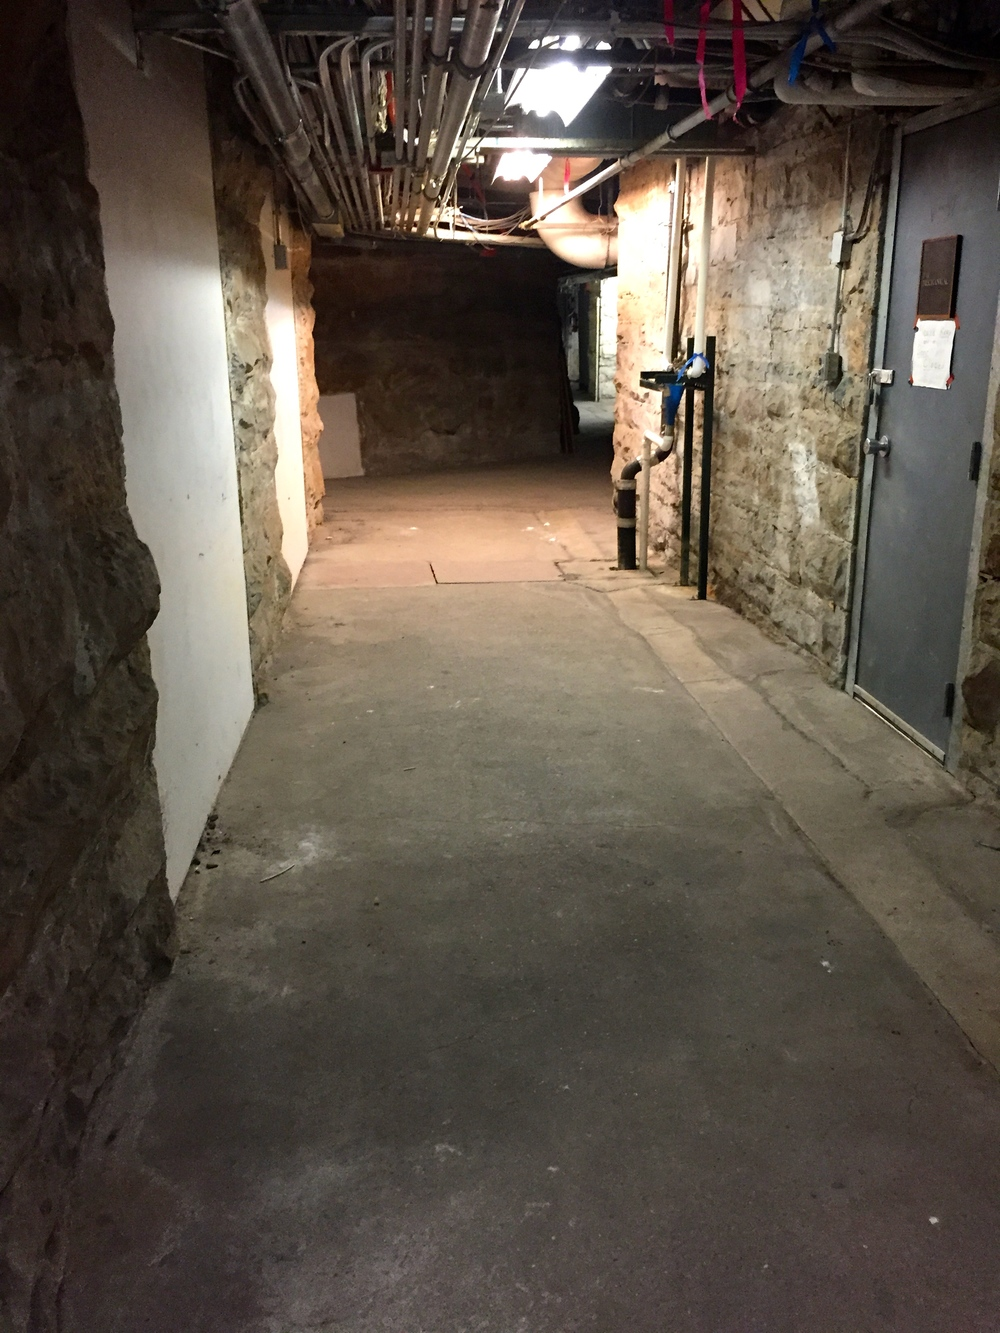 The sub-basement